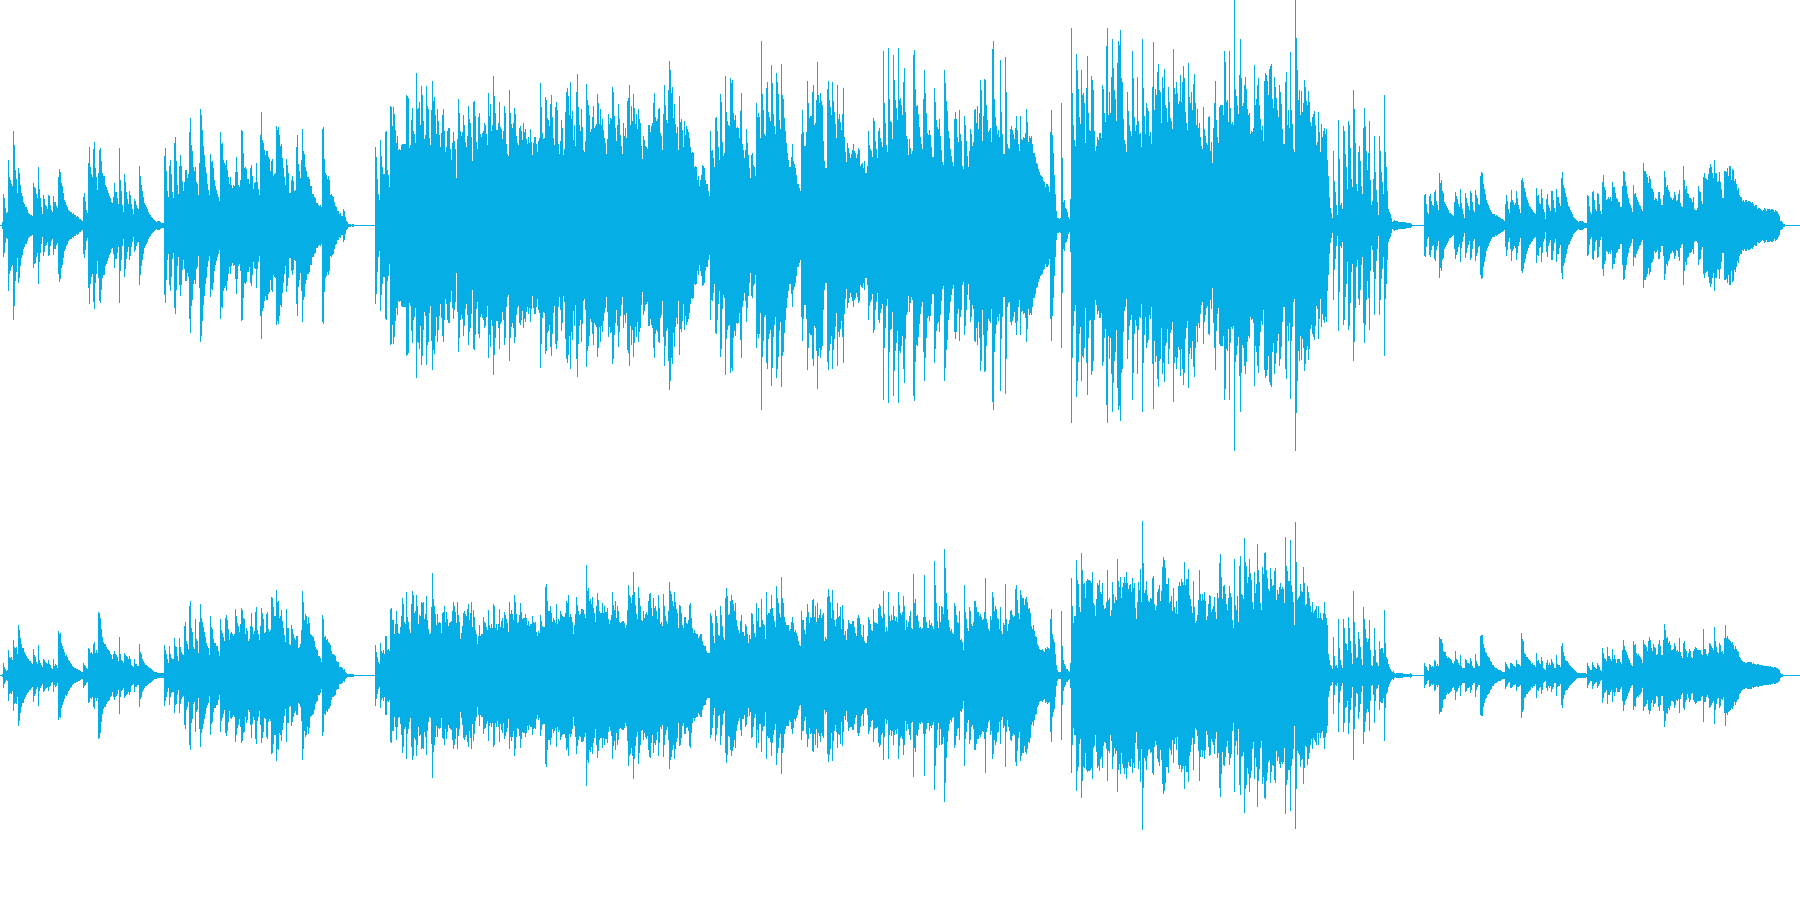 ピアノとストリングスがメインのバラードの再生済みの波形